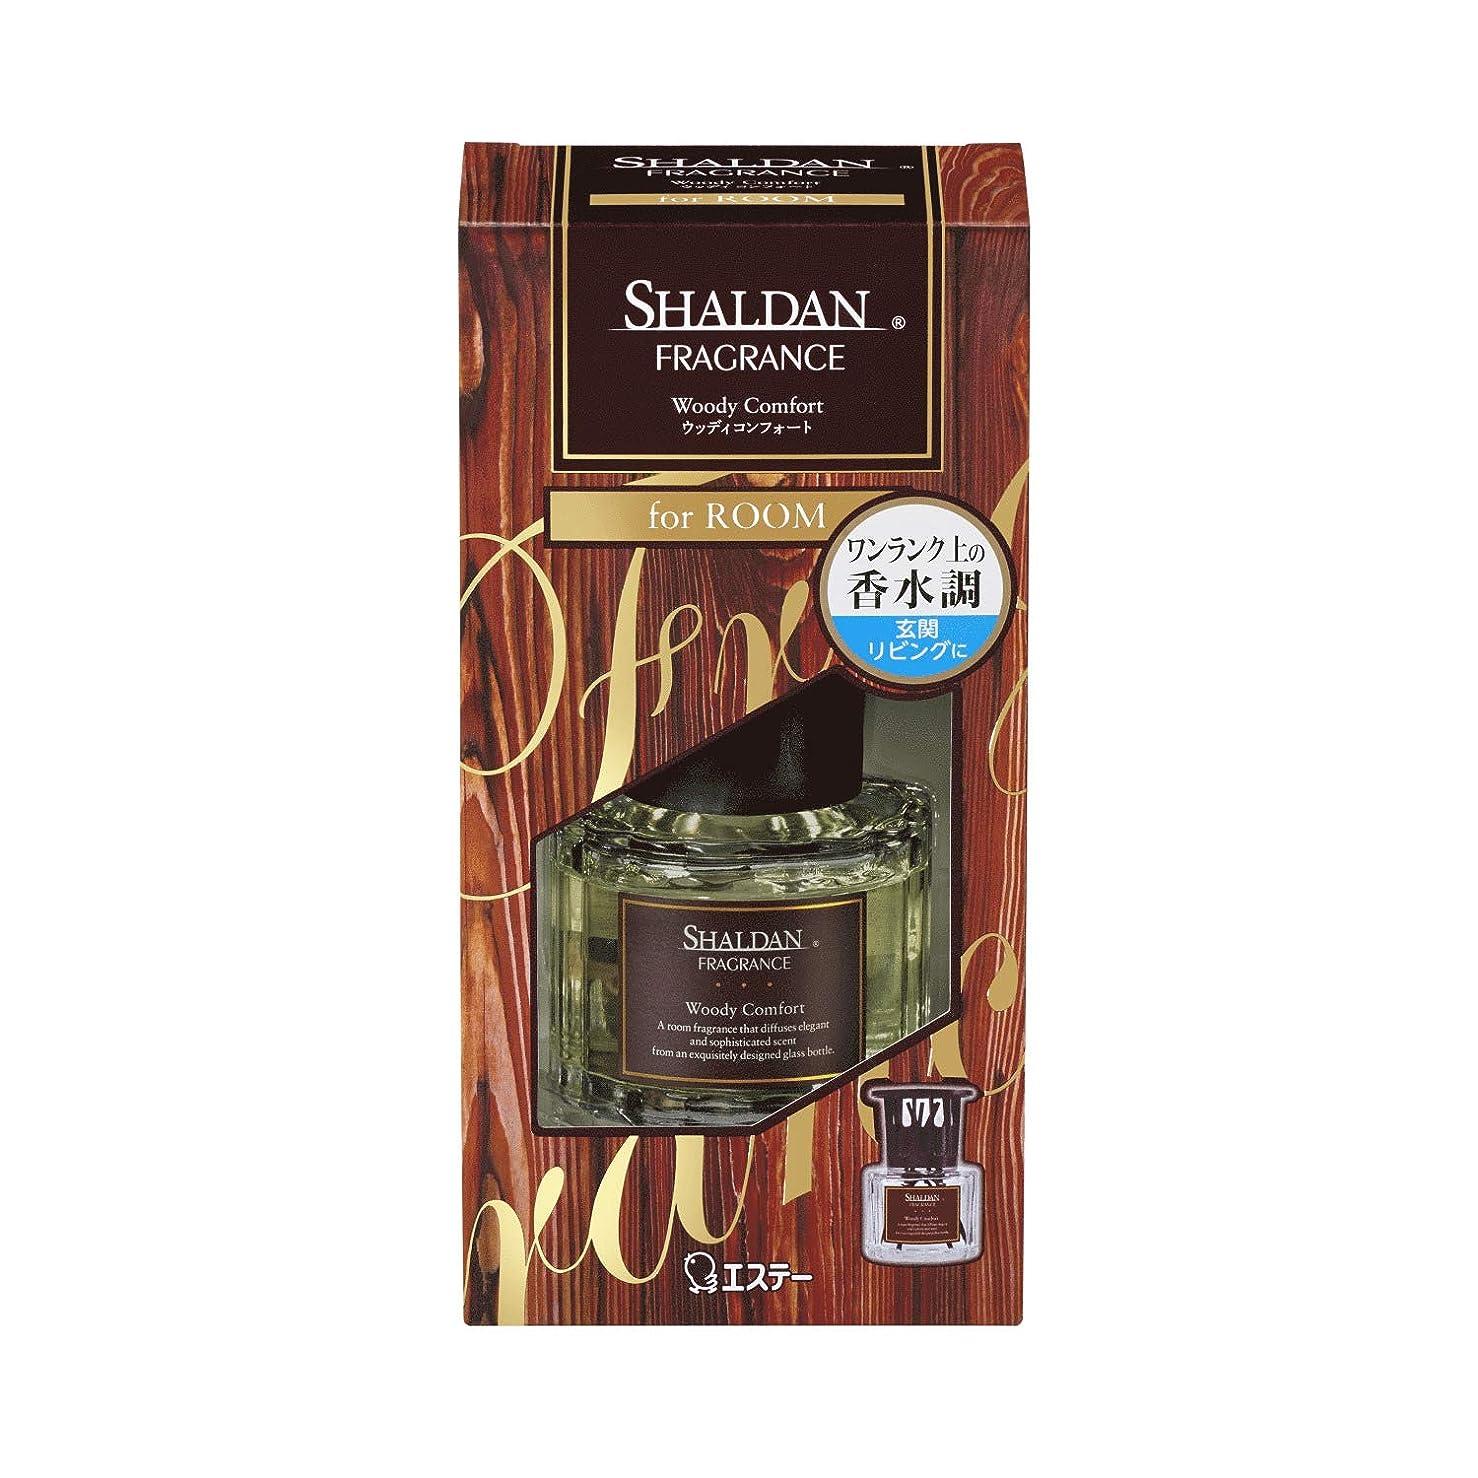 アッパー鈍い流行しているシャルダン SHALDAN フレグランス for ROOM 芳香剤 部屋用 本体 ウッディコンフォート 65mL